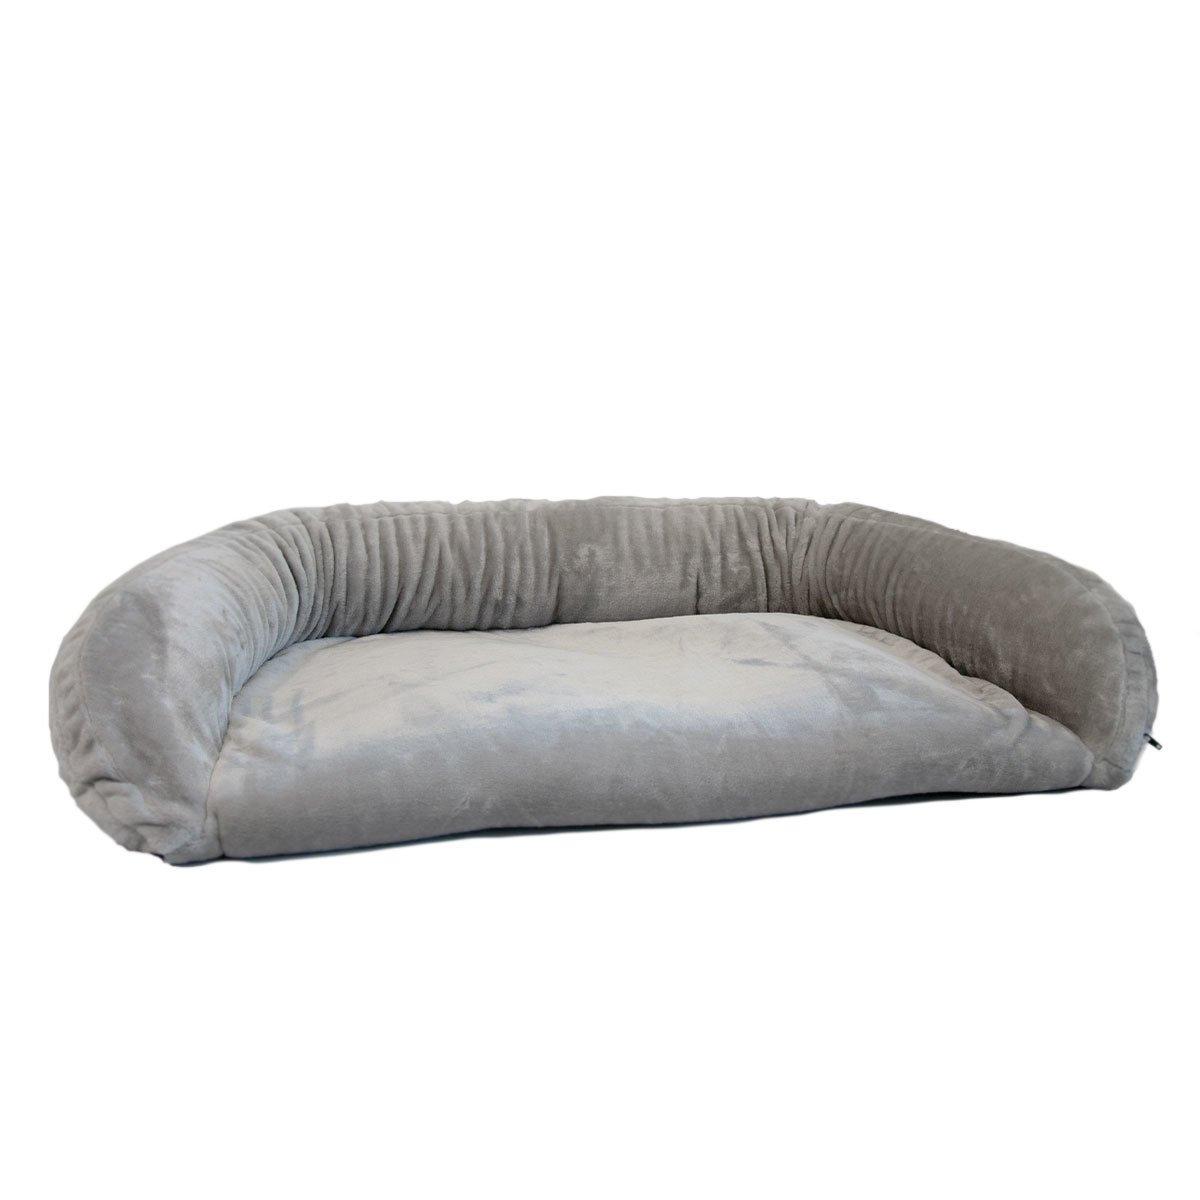 wauweich Sofadecke für Hunde aus Plüsch, Bild 9